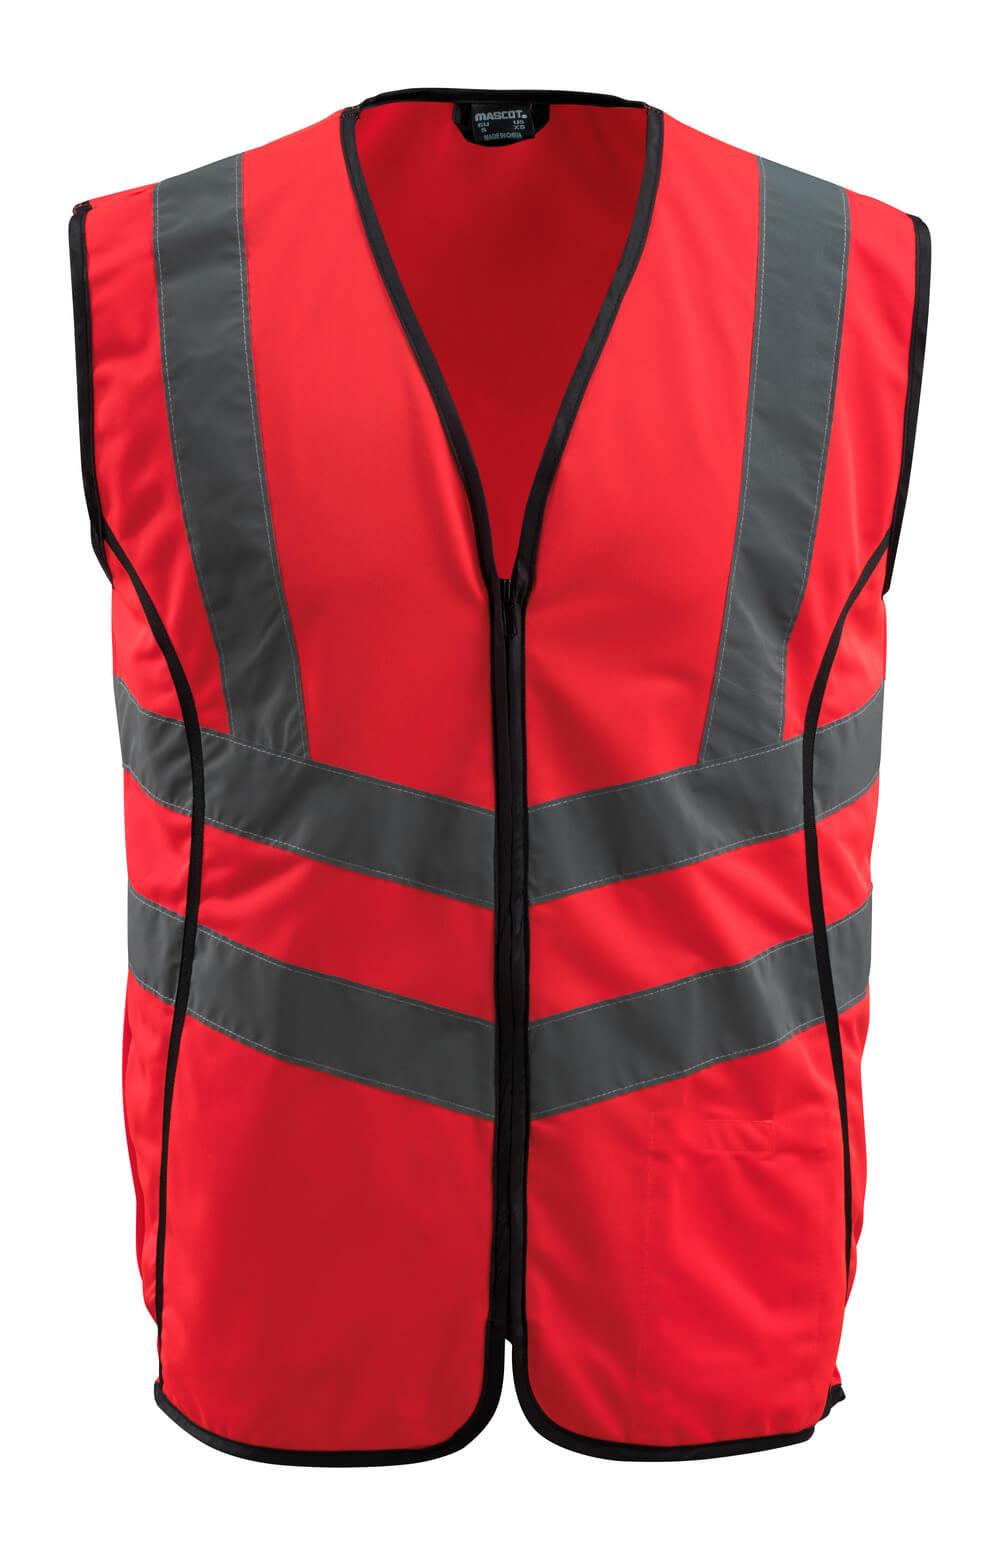 50145-982-222 Warnschutzweste - hi-vis Rot